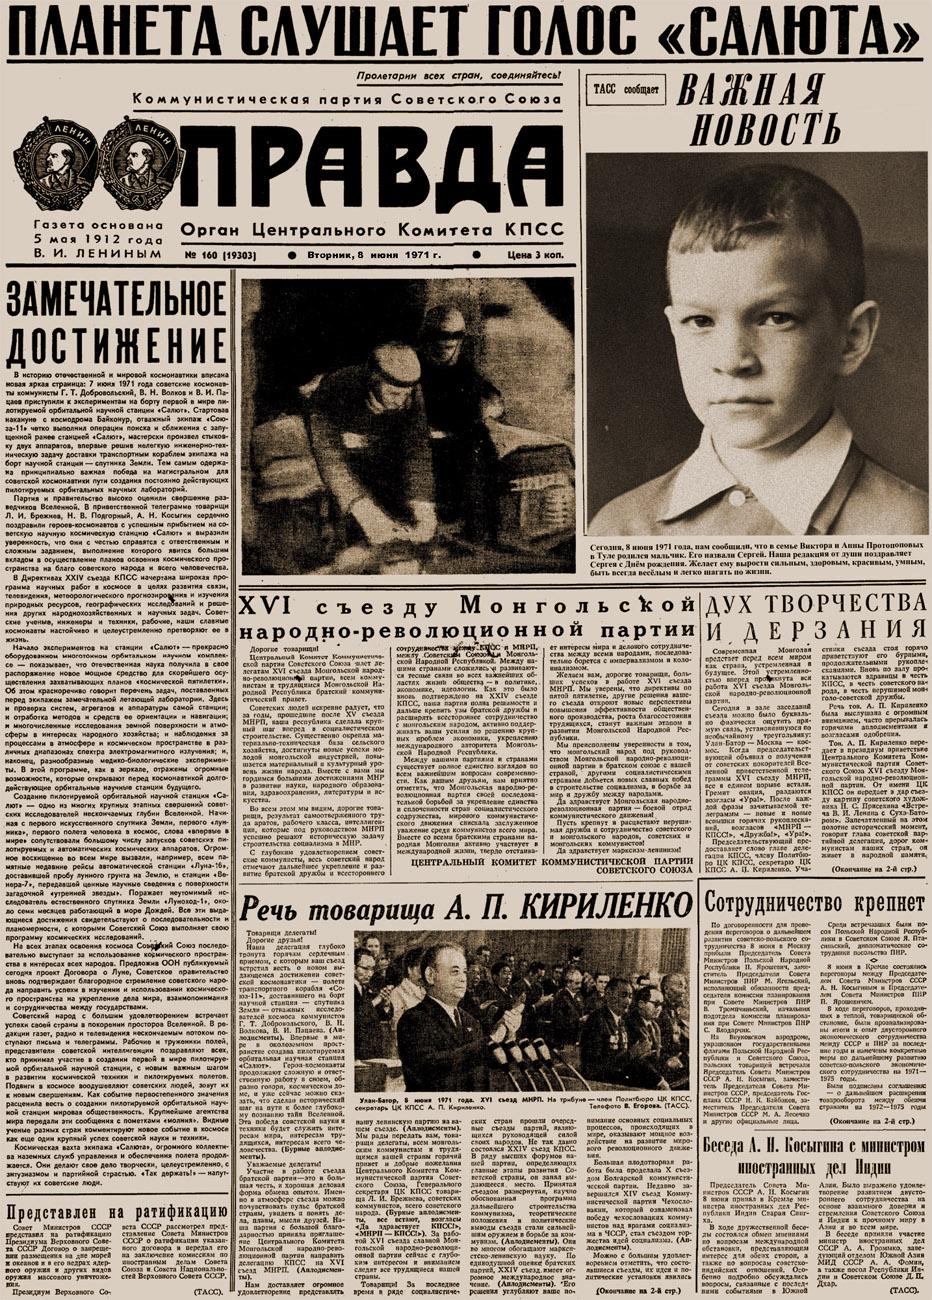 Поздравление с днем рождения старейшей газеты